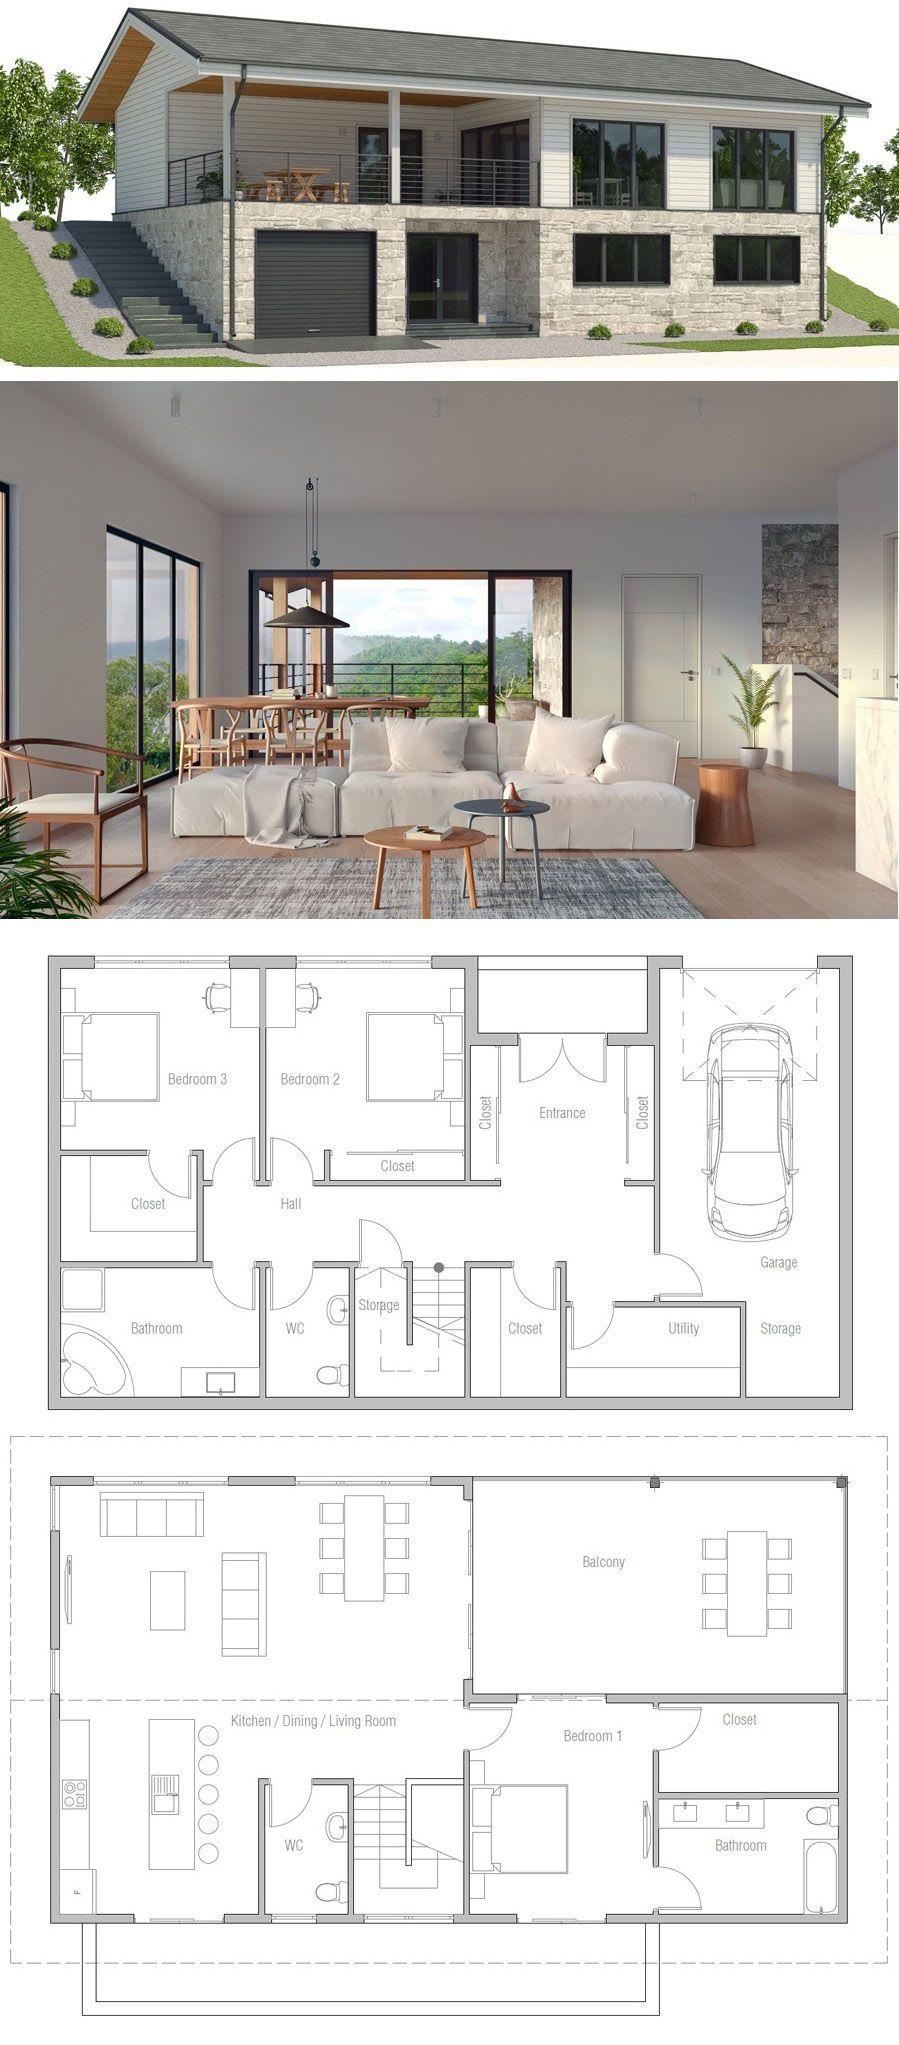 97 Idees De Maison Pente Maison Plan Maison